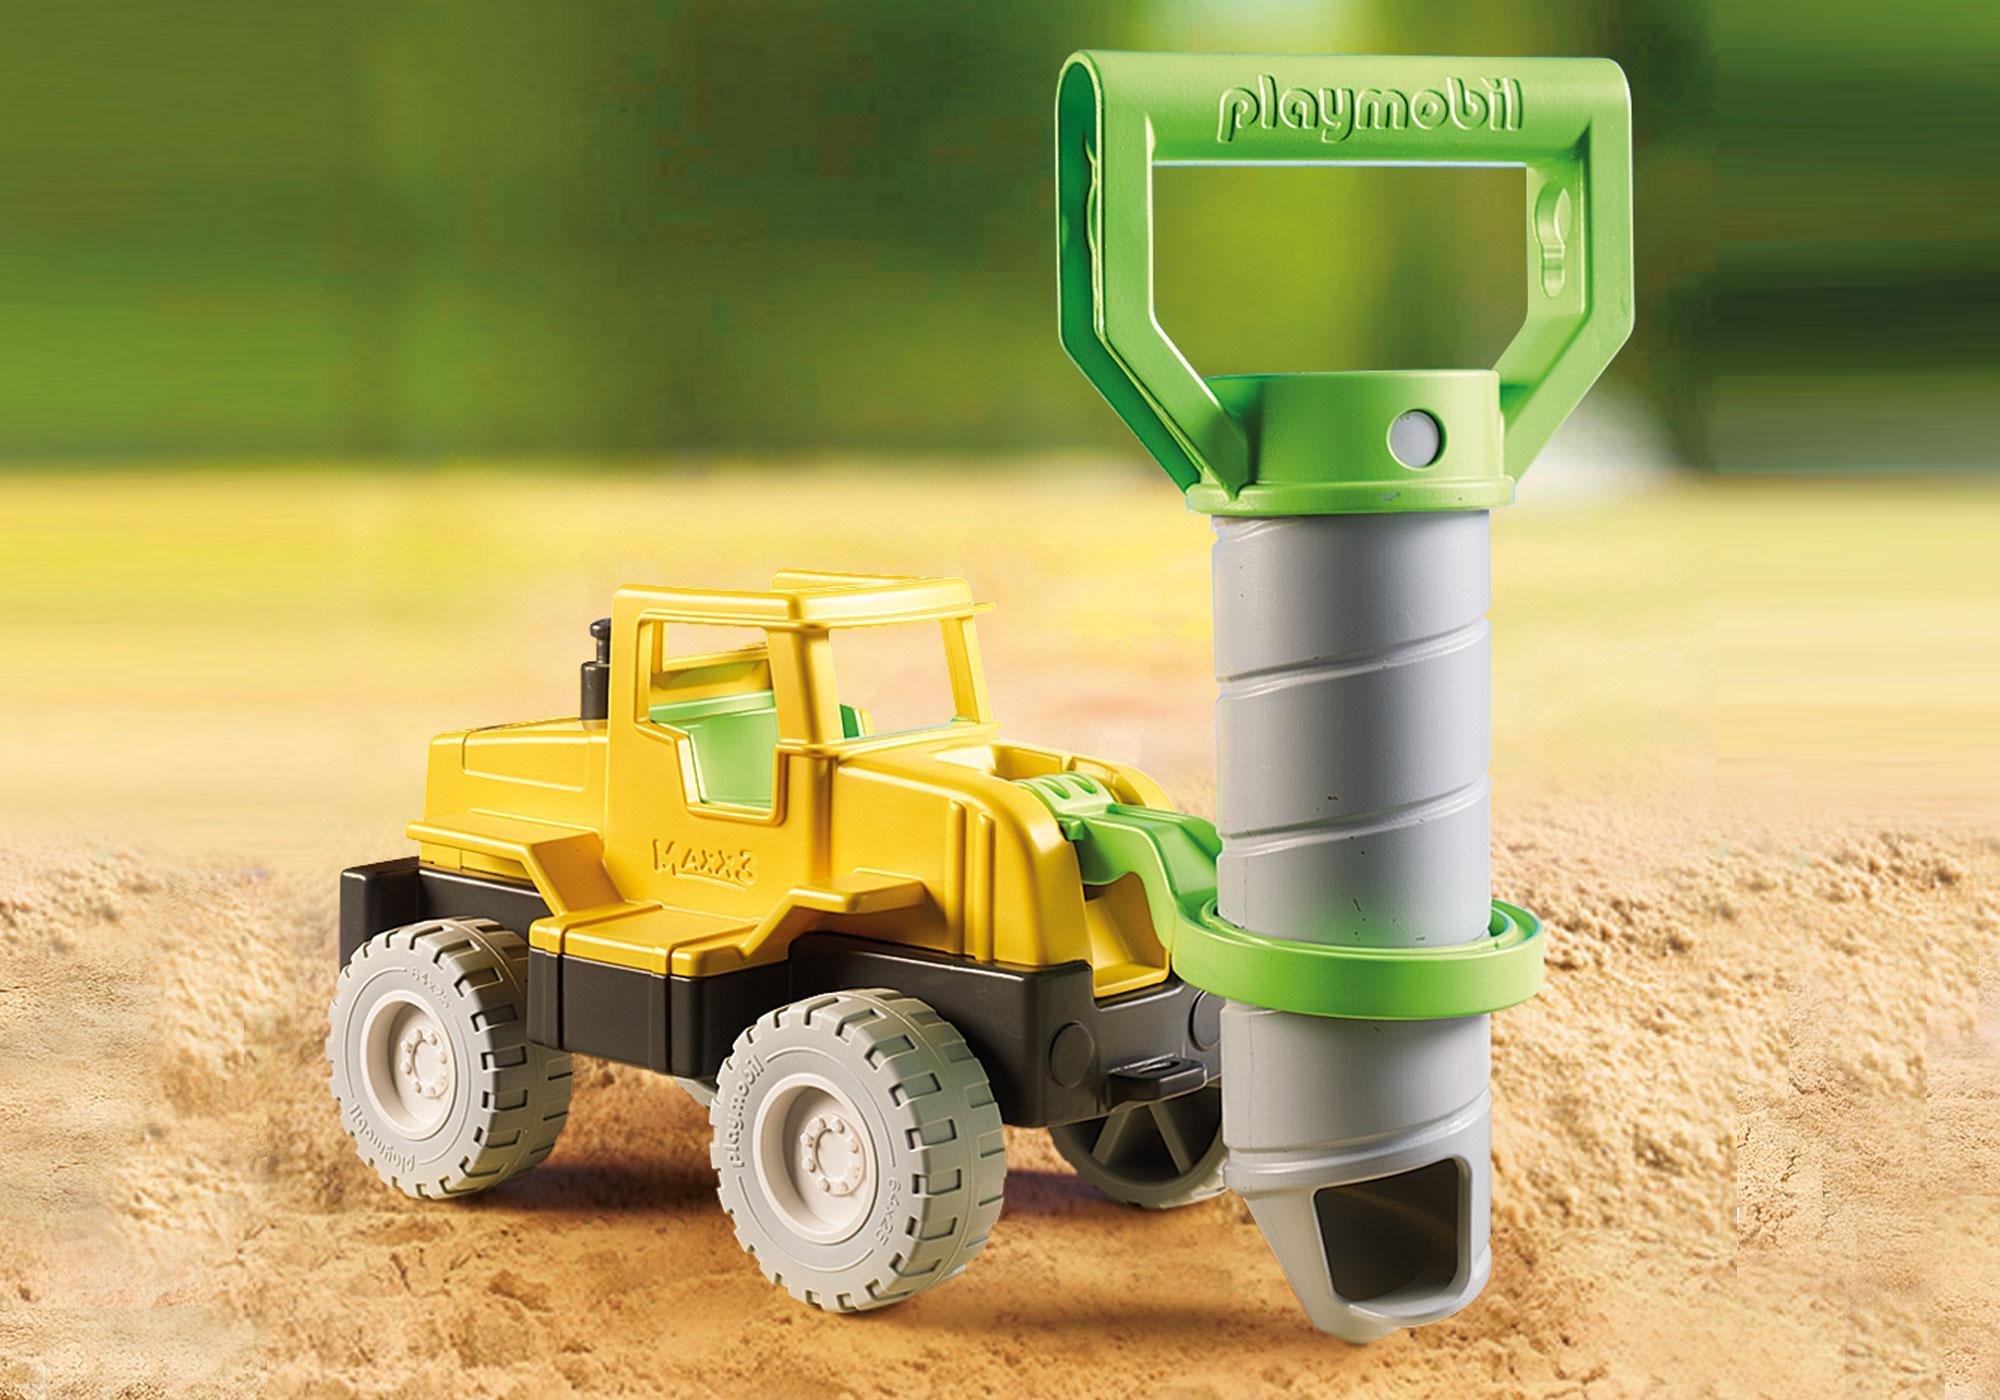 http://media.playmobil.com/i/playmobil/70064_product_extra2/Arbejdsbil med bor